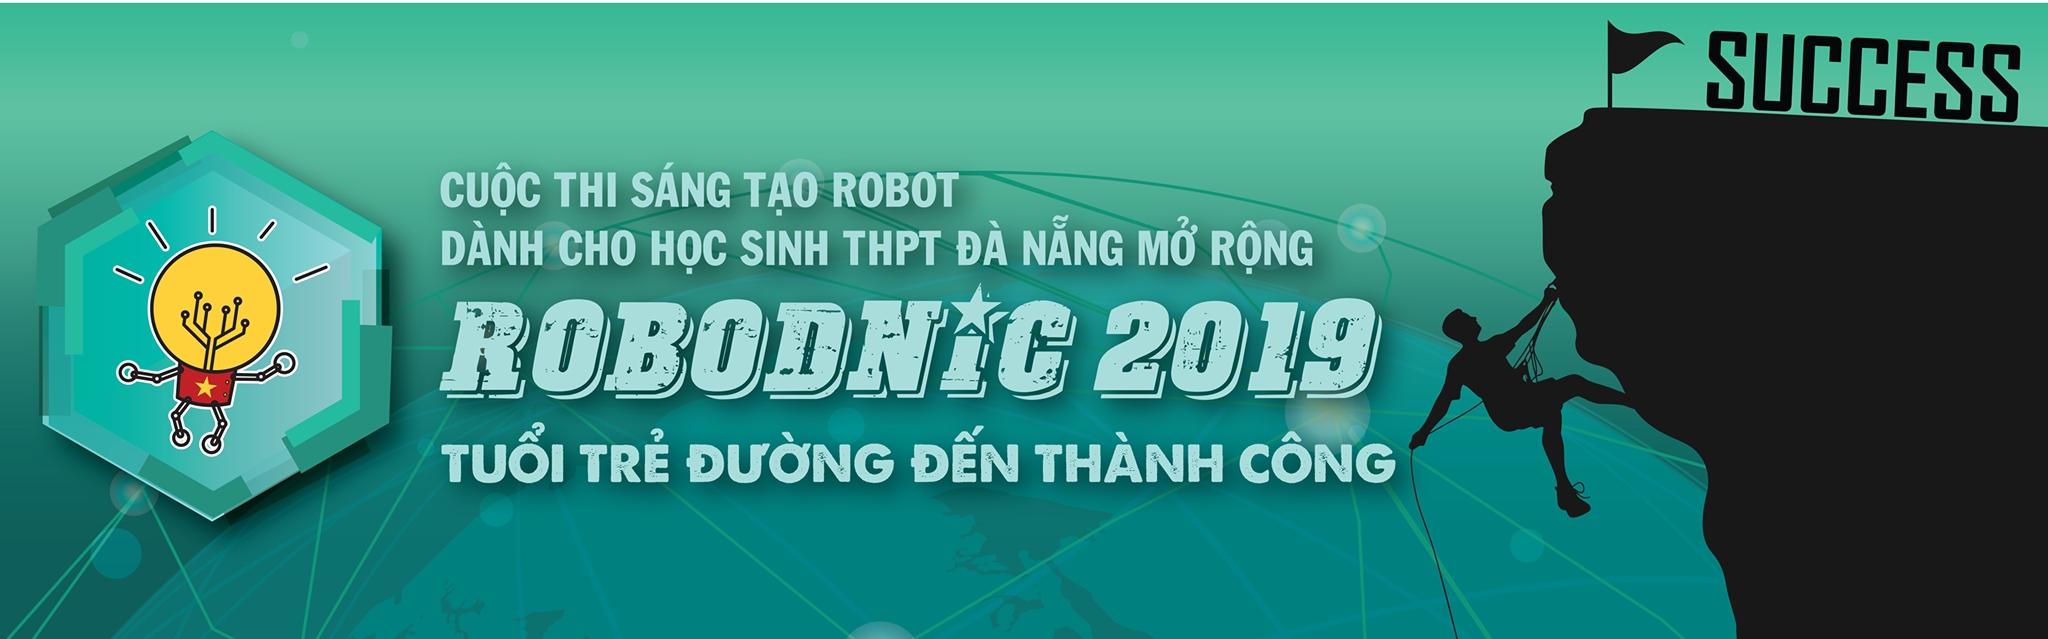 Cuộc thi Sáng tạo Robodnic 2019 dành cho học sinh đã sẵn sàng